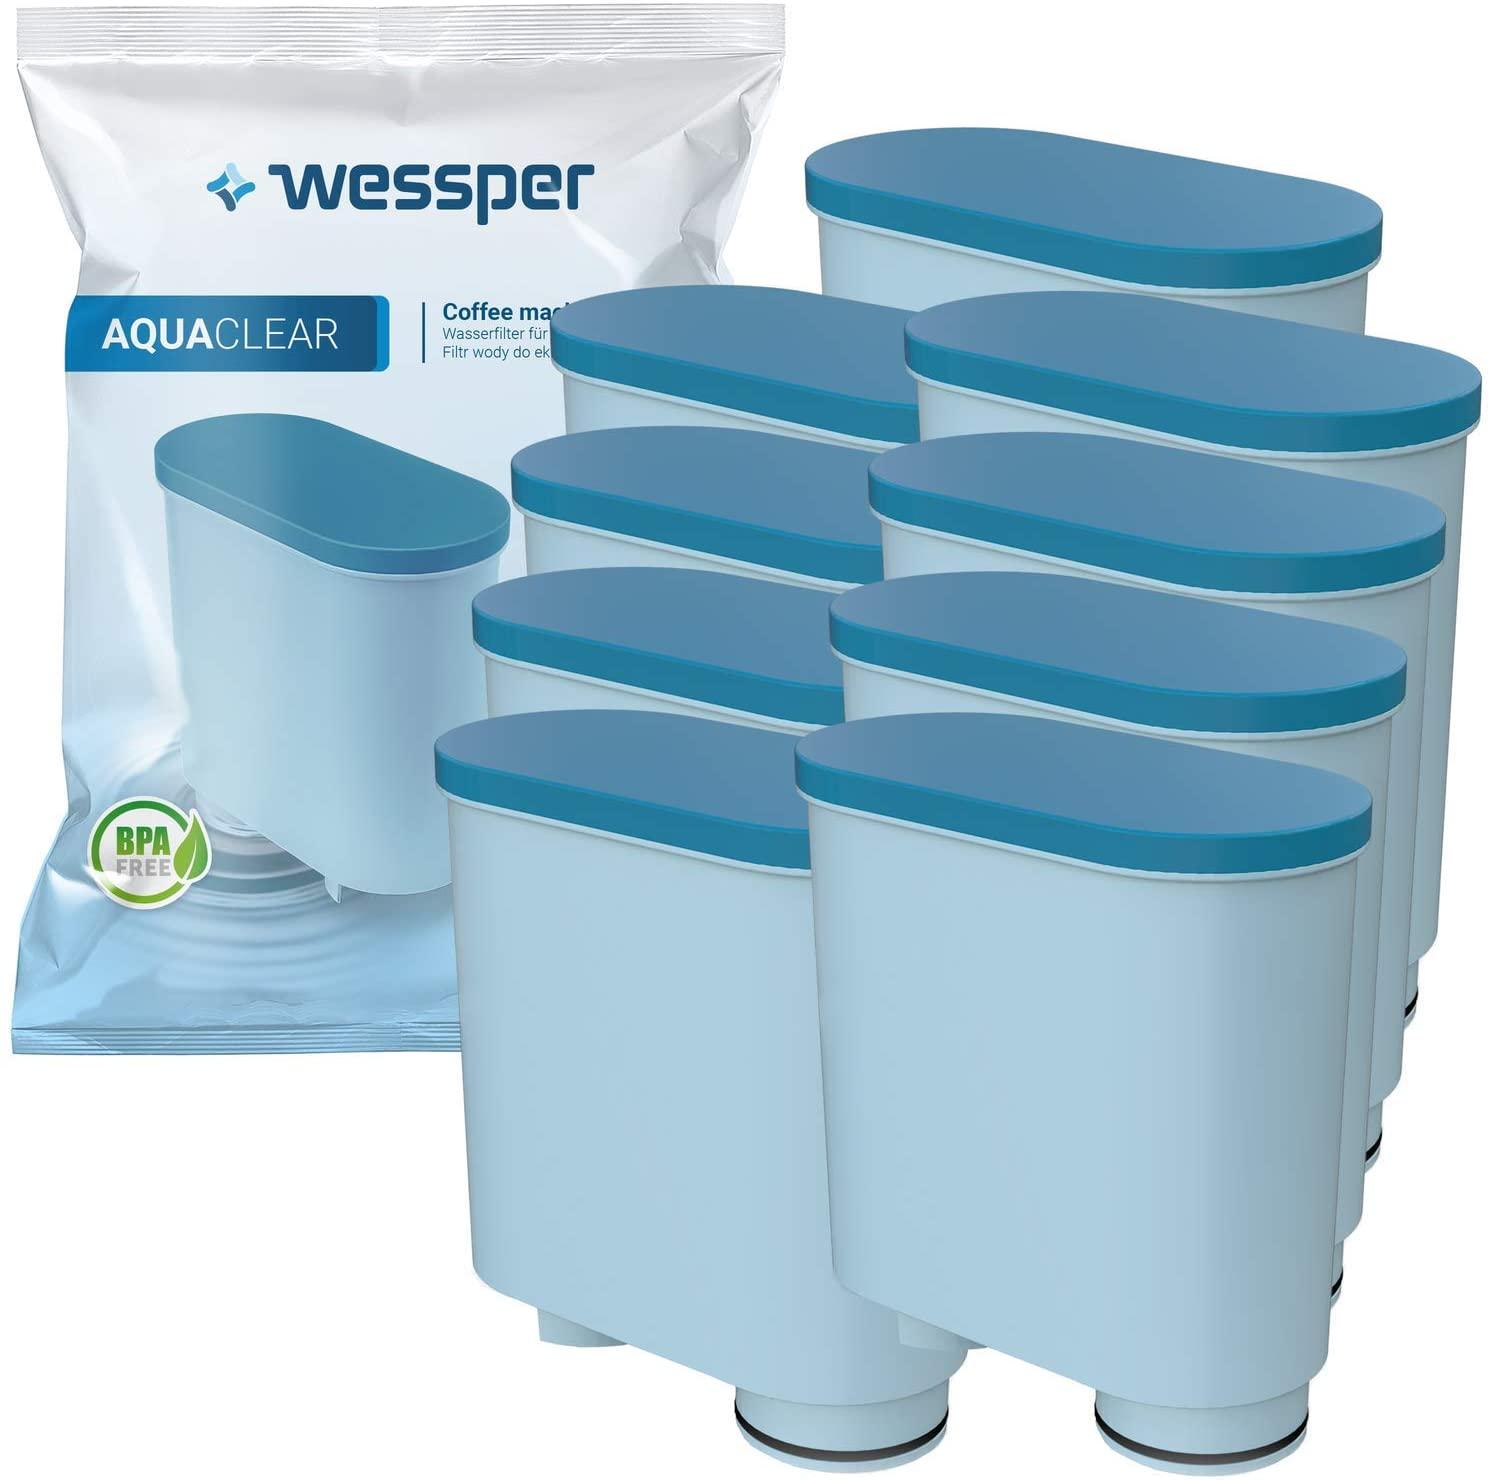 Wessper Wasserfilter kompatibel mit Philips AquaClean CA6903/10 CA6903/22 CA6903 Kalkfilter, Aqua Cl